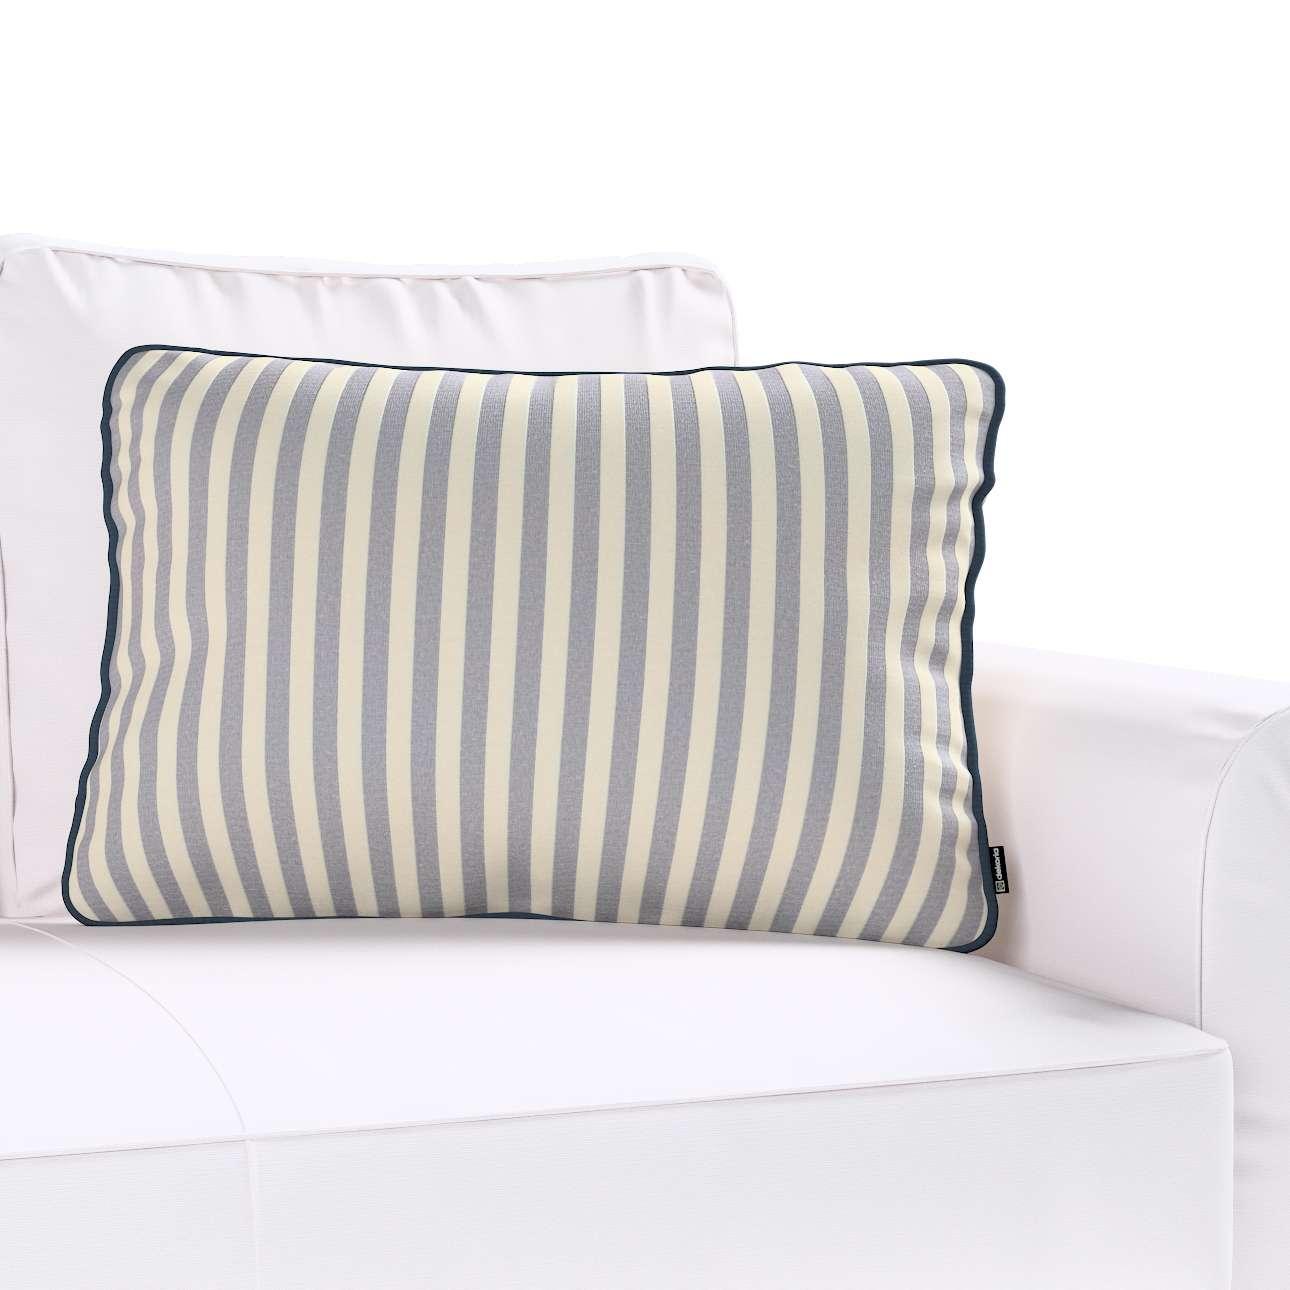 Poszewka Gabi na poduszkę prostokątna w kolekcji Quadro, tkanina: 136-02